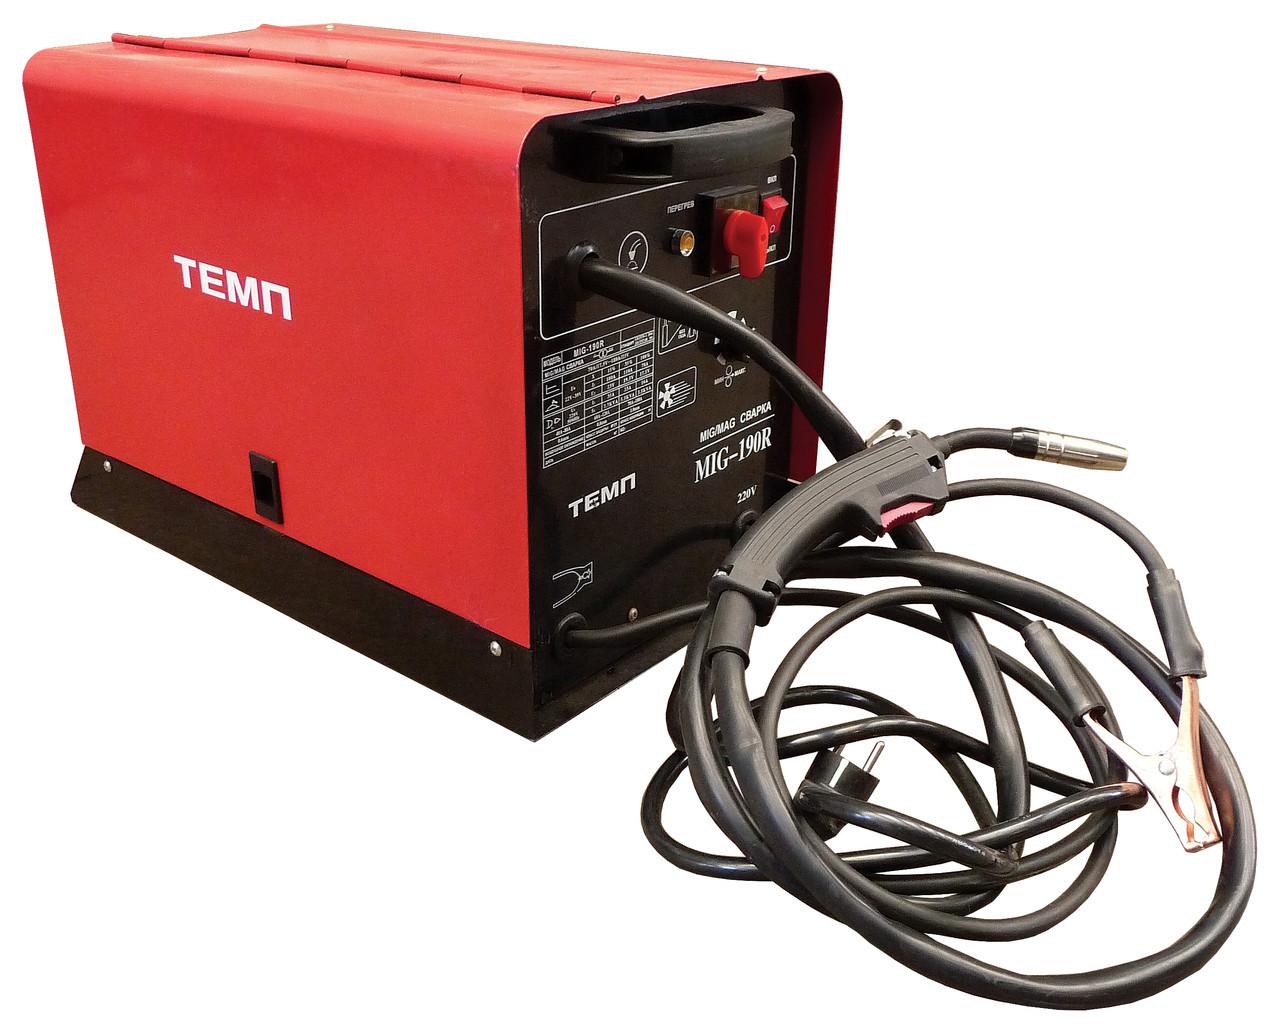 Инверторный сварочный полуавтомат ТЕМП MIG-190UR 2 в 1